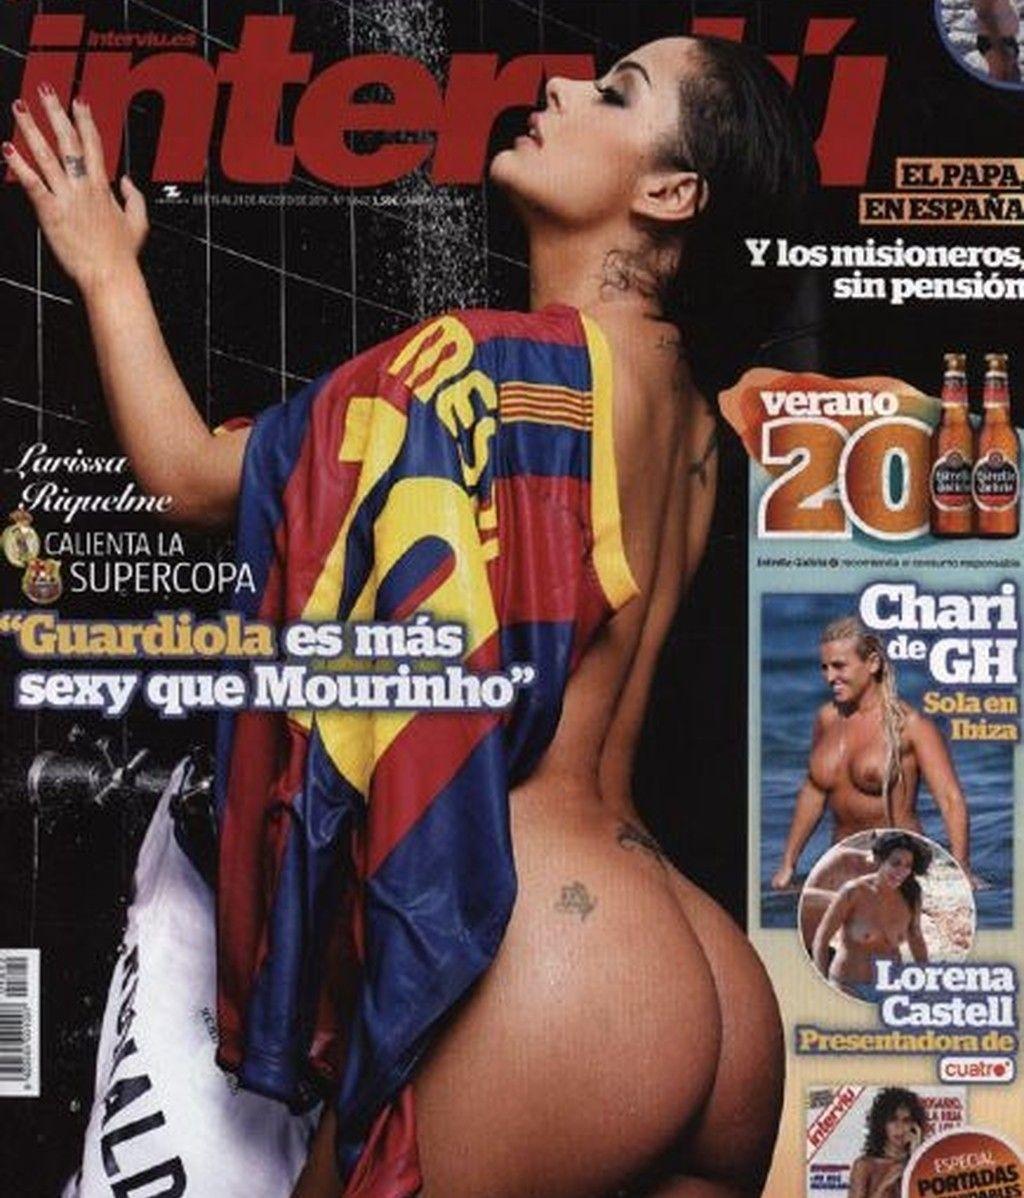 'Deportistas' que fueron portada de 'Interviú': la revista echa el cierre tras 42 años